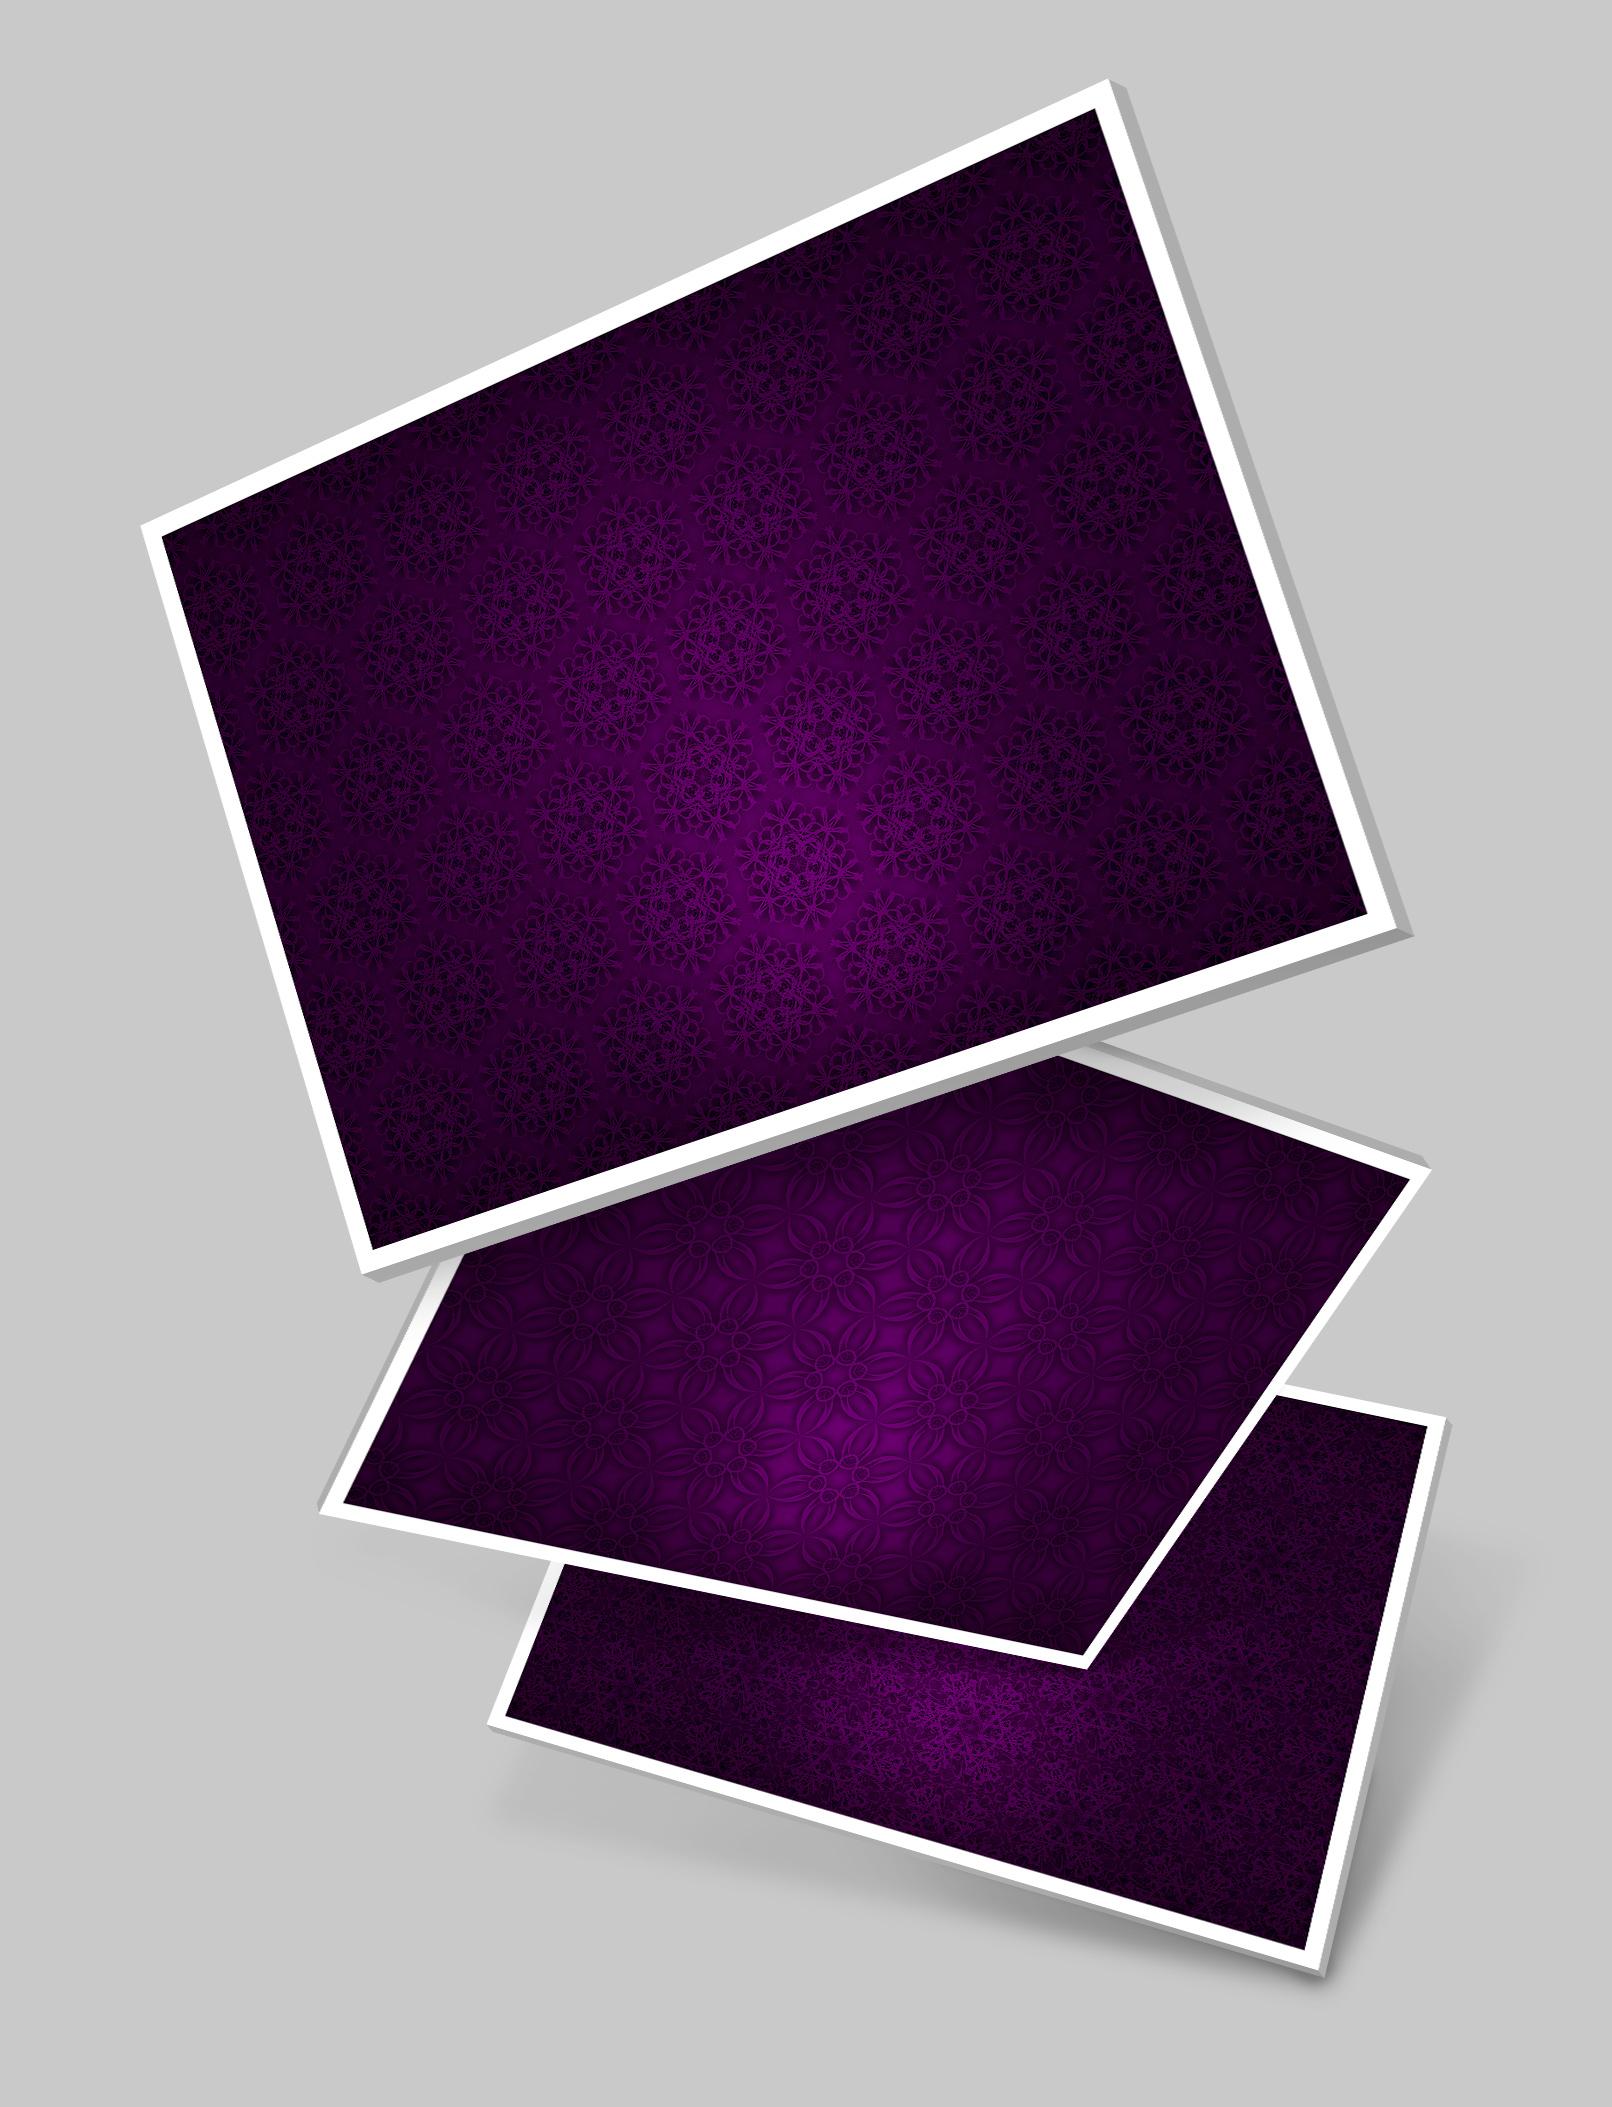 Drei Varianten mit Hintergrundbildern in Lila